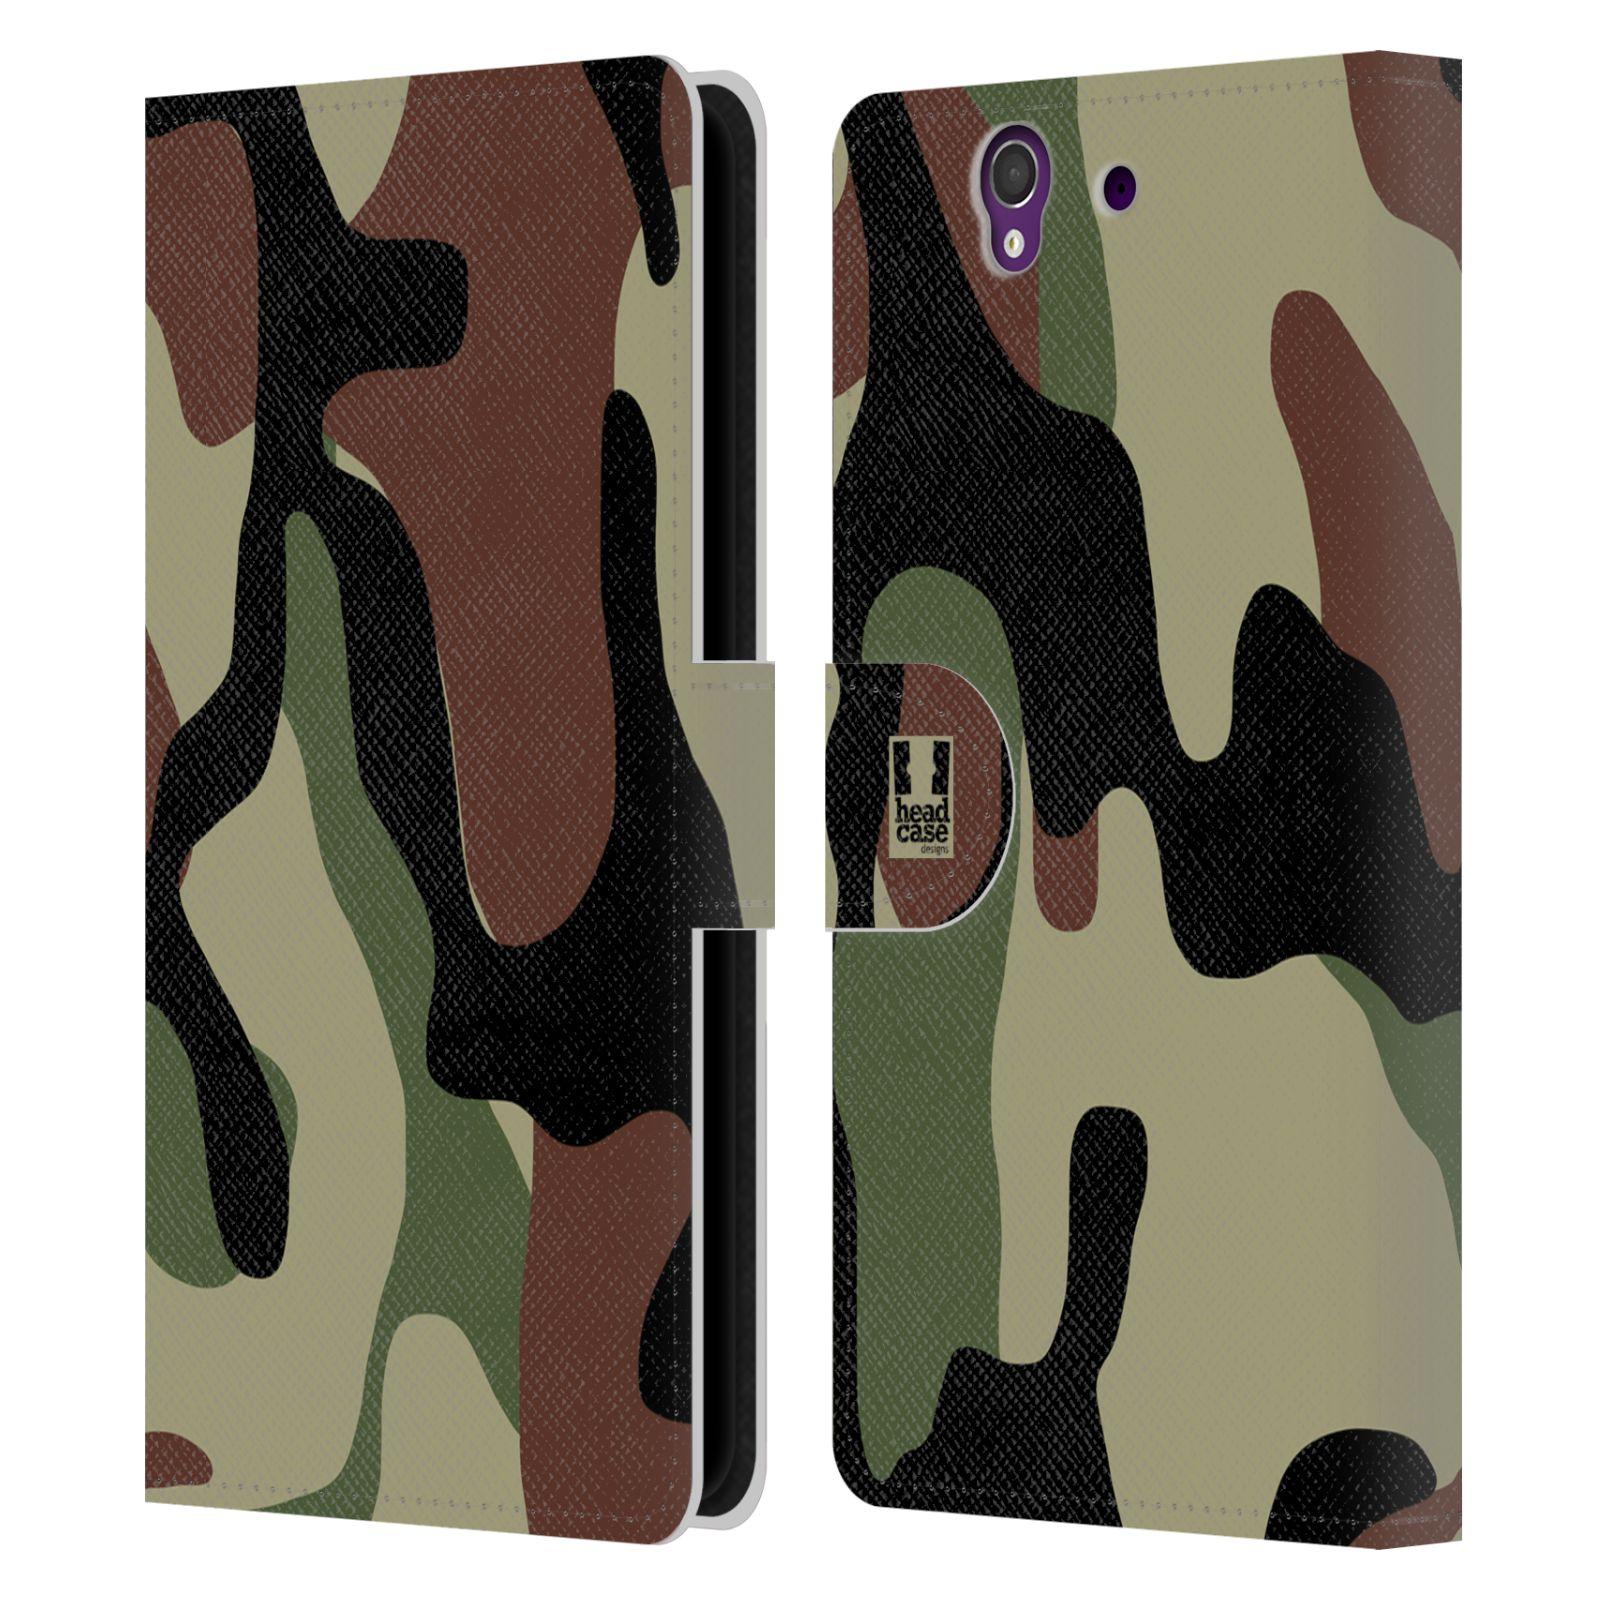 HEAD CASE Flipové pouzdro pro mobil SONY XPERIA Z (C6603) kamufláž les hnědá, černá a zelená